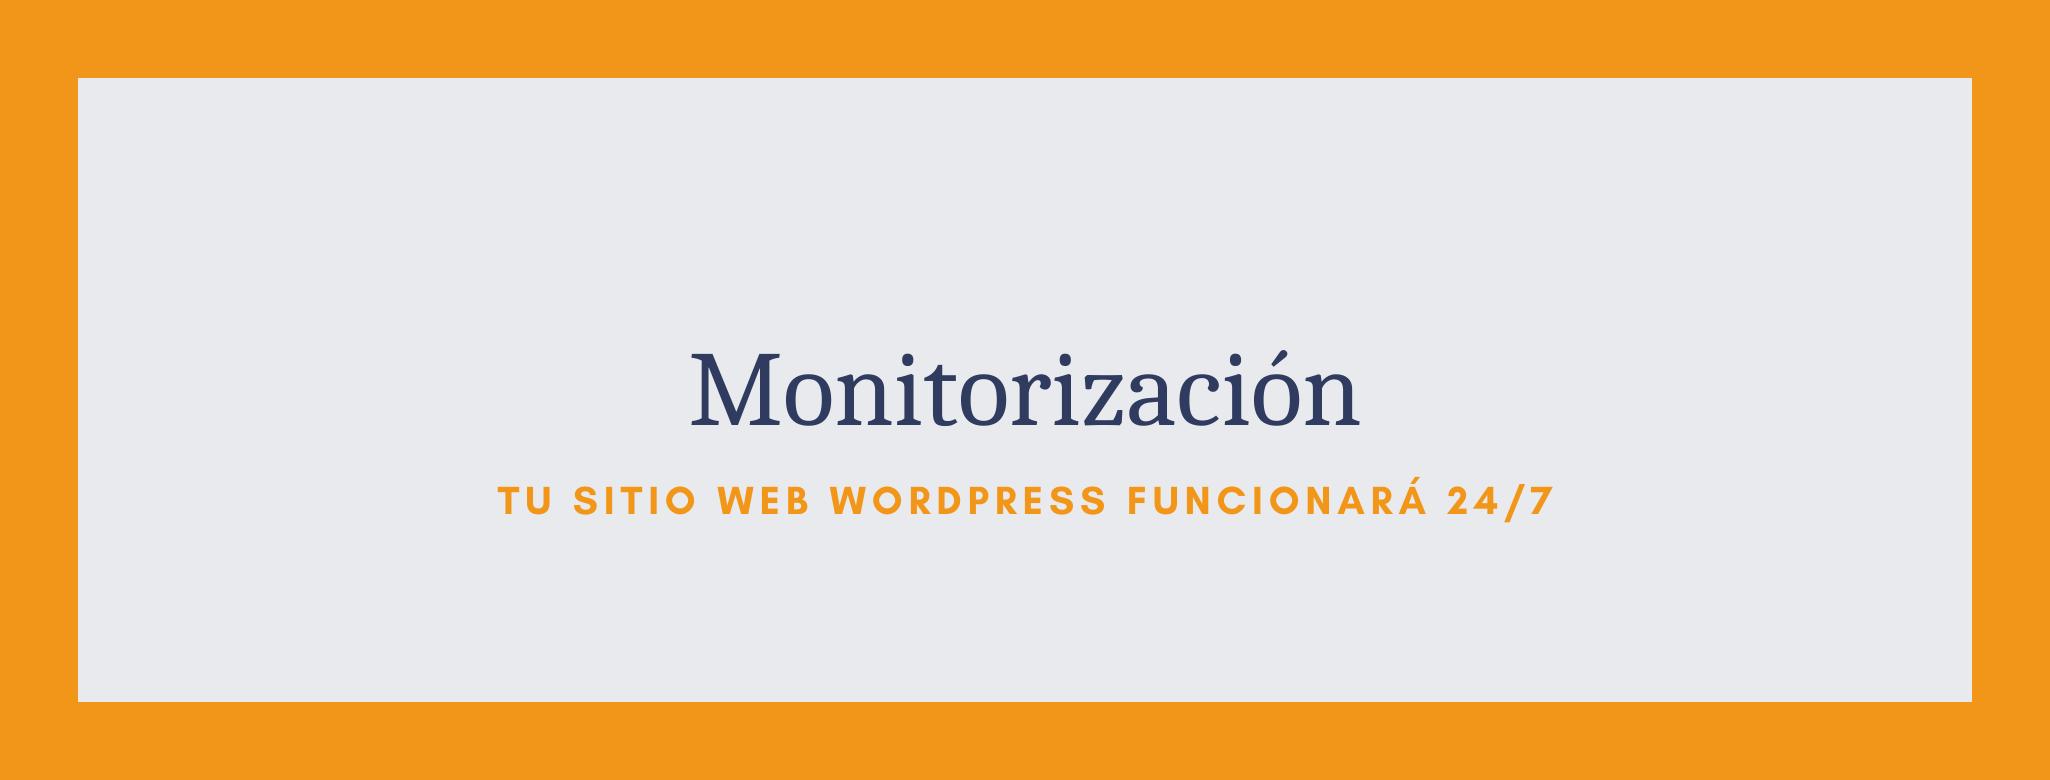 Monitorización de tu sitio web como parte del servicio de mantenimiento de WordPress